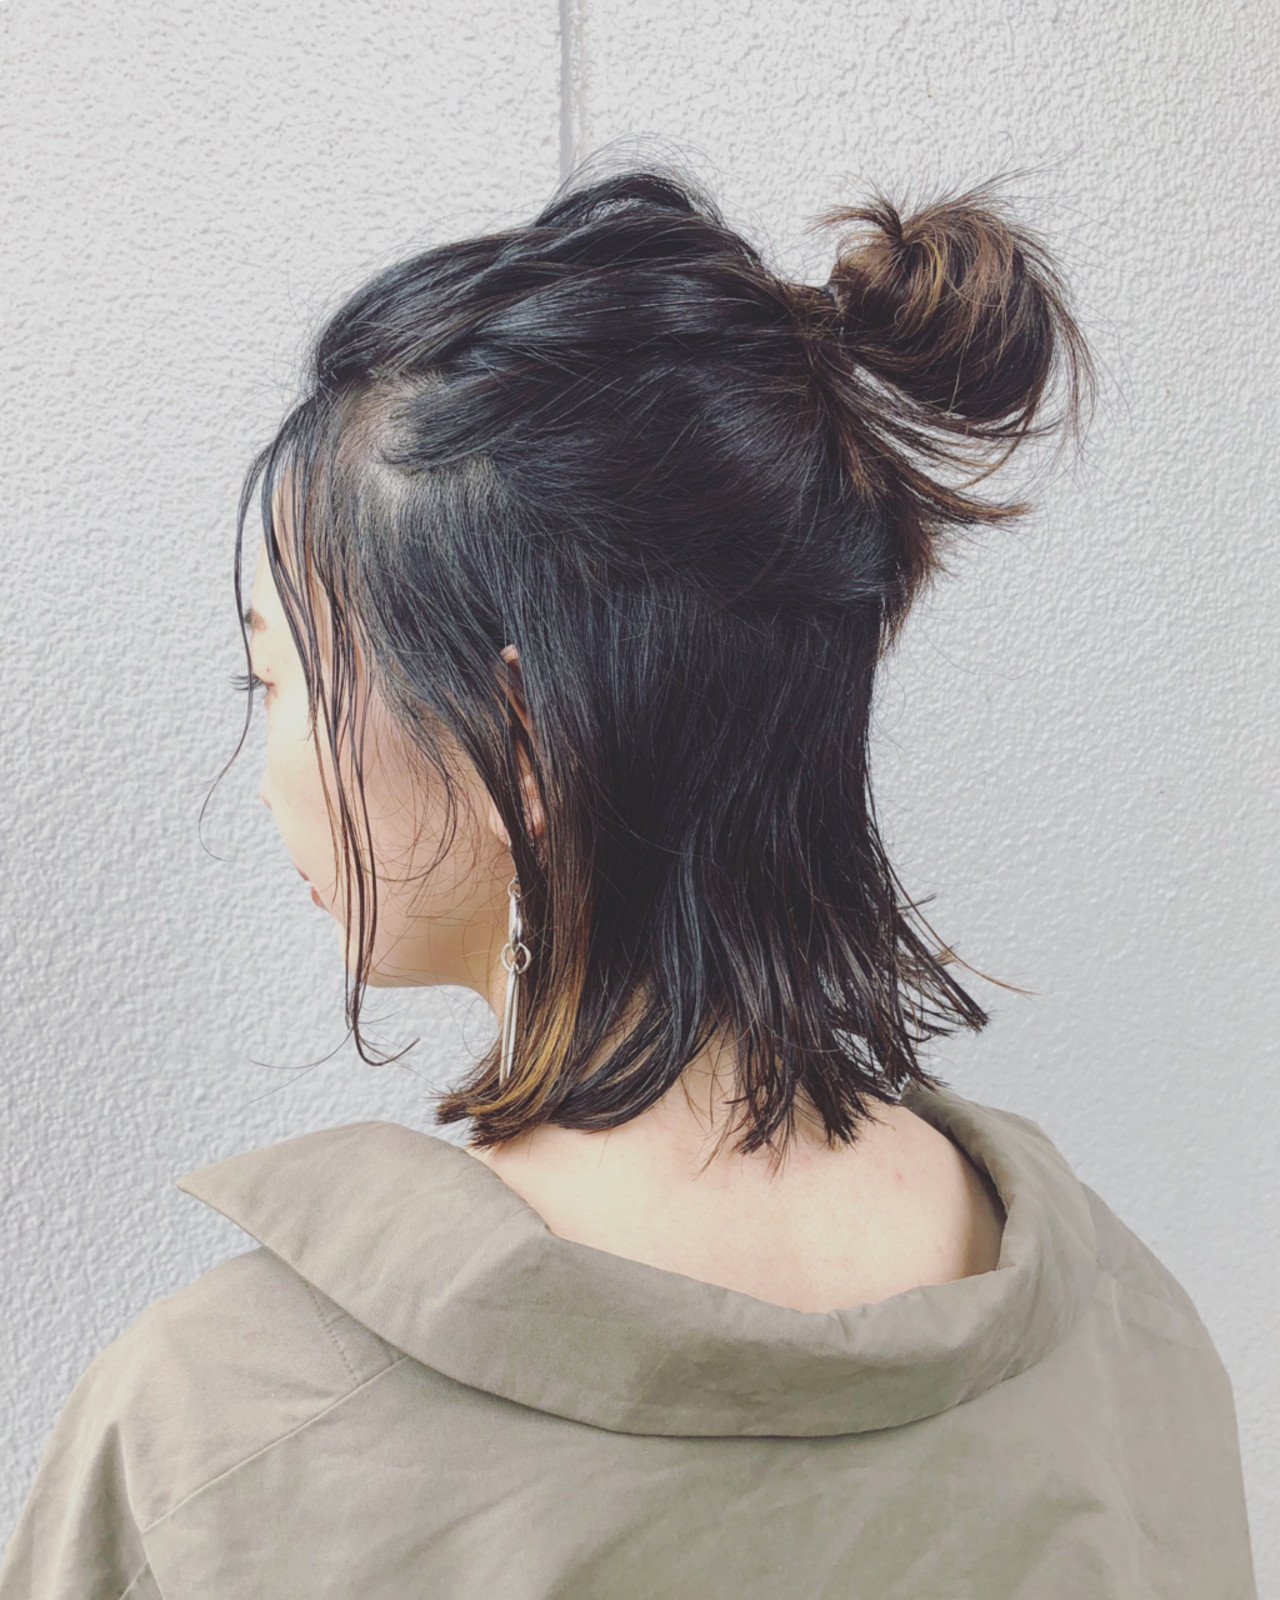 ヘアアレンジ ハーフアップ お団子 ストリート ヘアスタイルや髪型の写真・画像